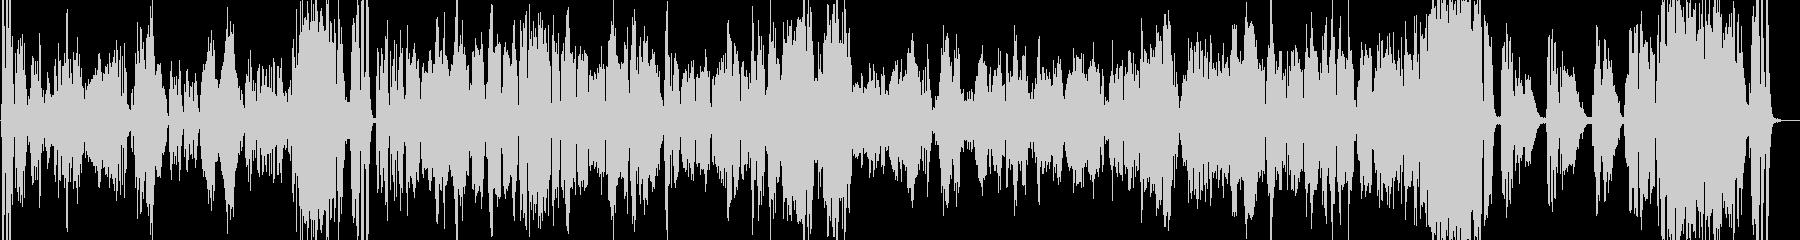 クラシック 楽しげ ハイテク 気分...の未再生の波形